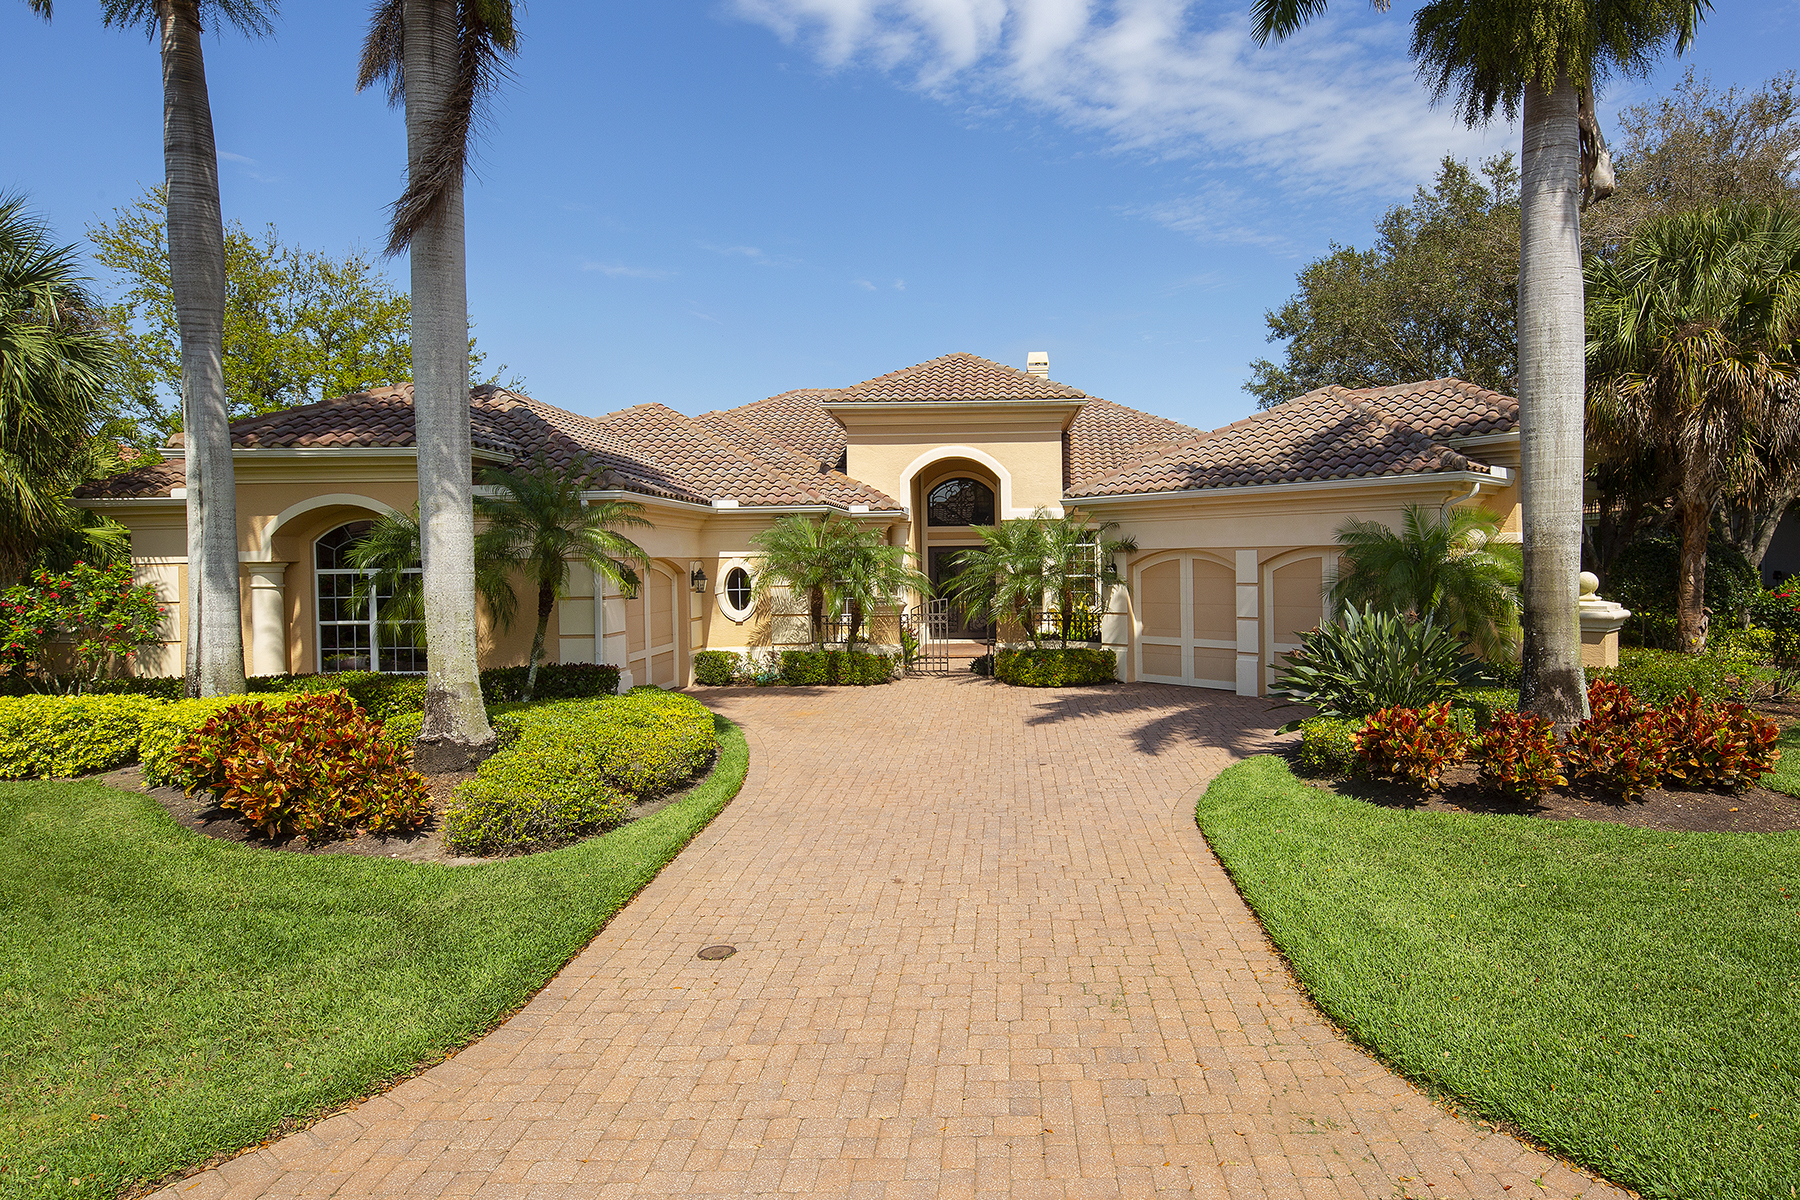 Single Family Homes für Verkauf beim SHADOW WOOD AT THE BROOKS - MAGNOLIA BEND 10072 Magnolia Bend, Estero, Florida 34135 Vereinigte Staaten